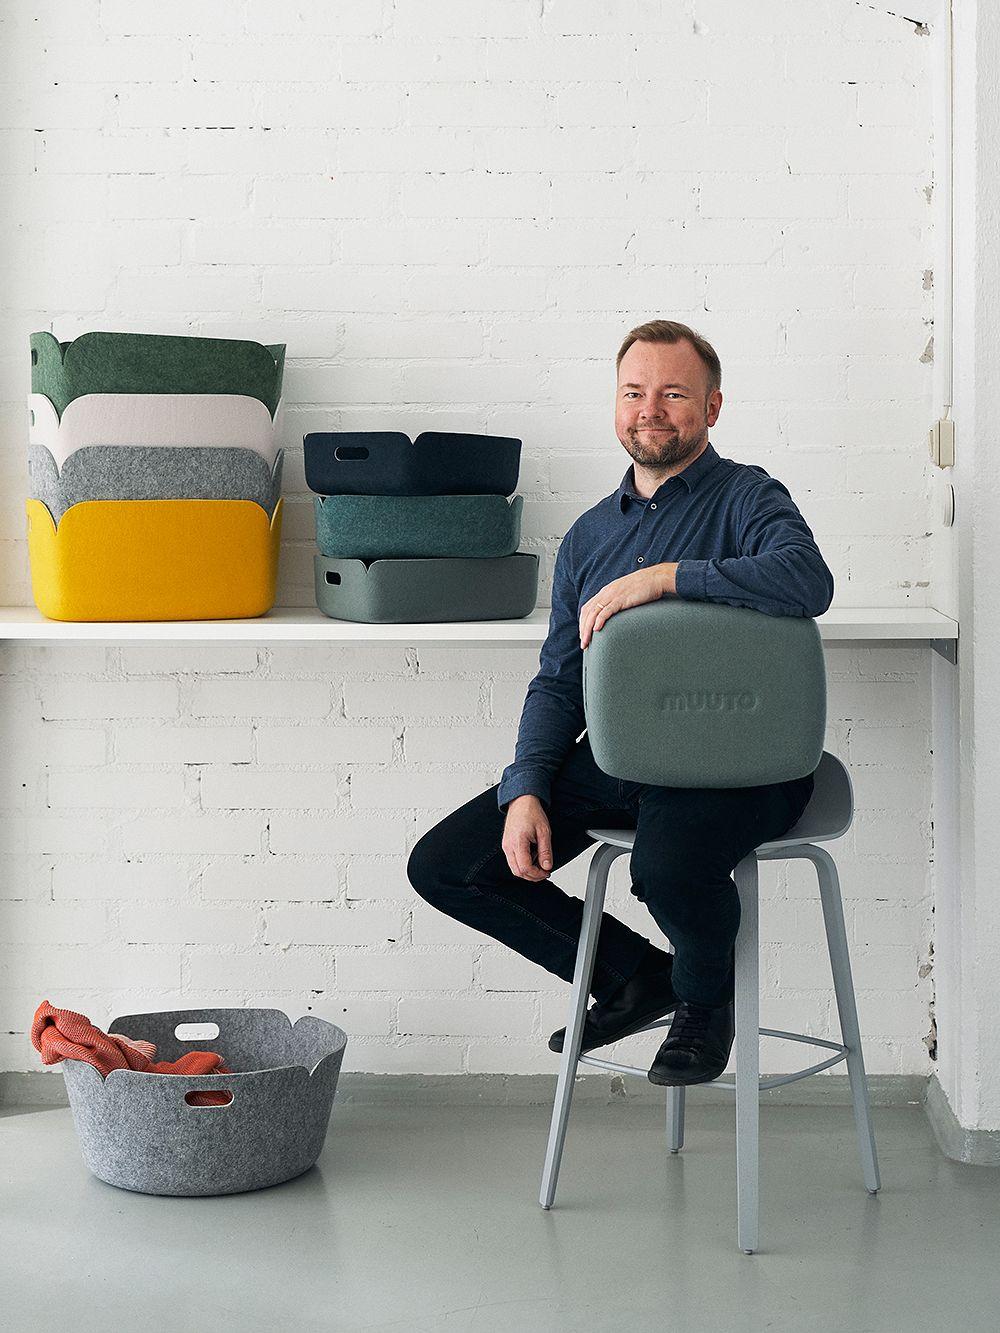 Designer Mika Tolvanen